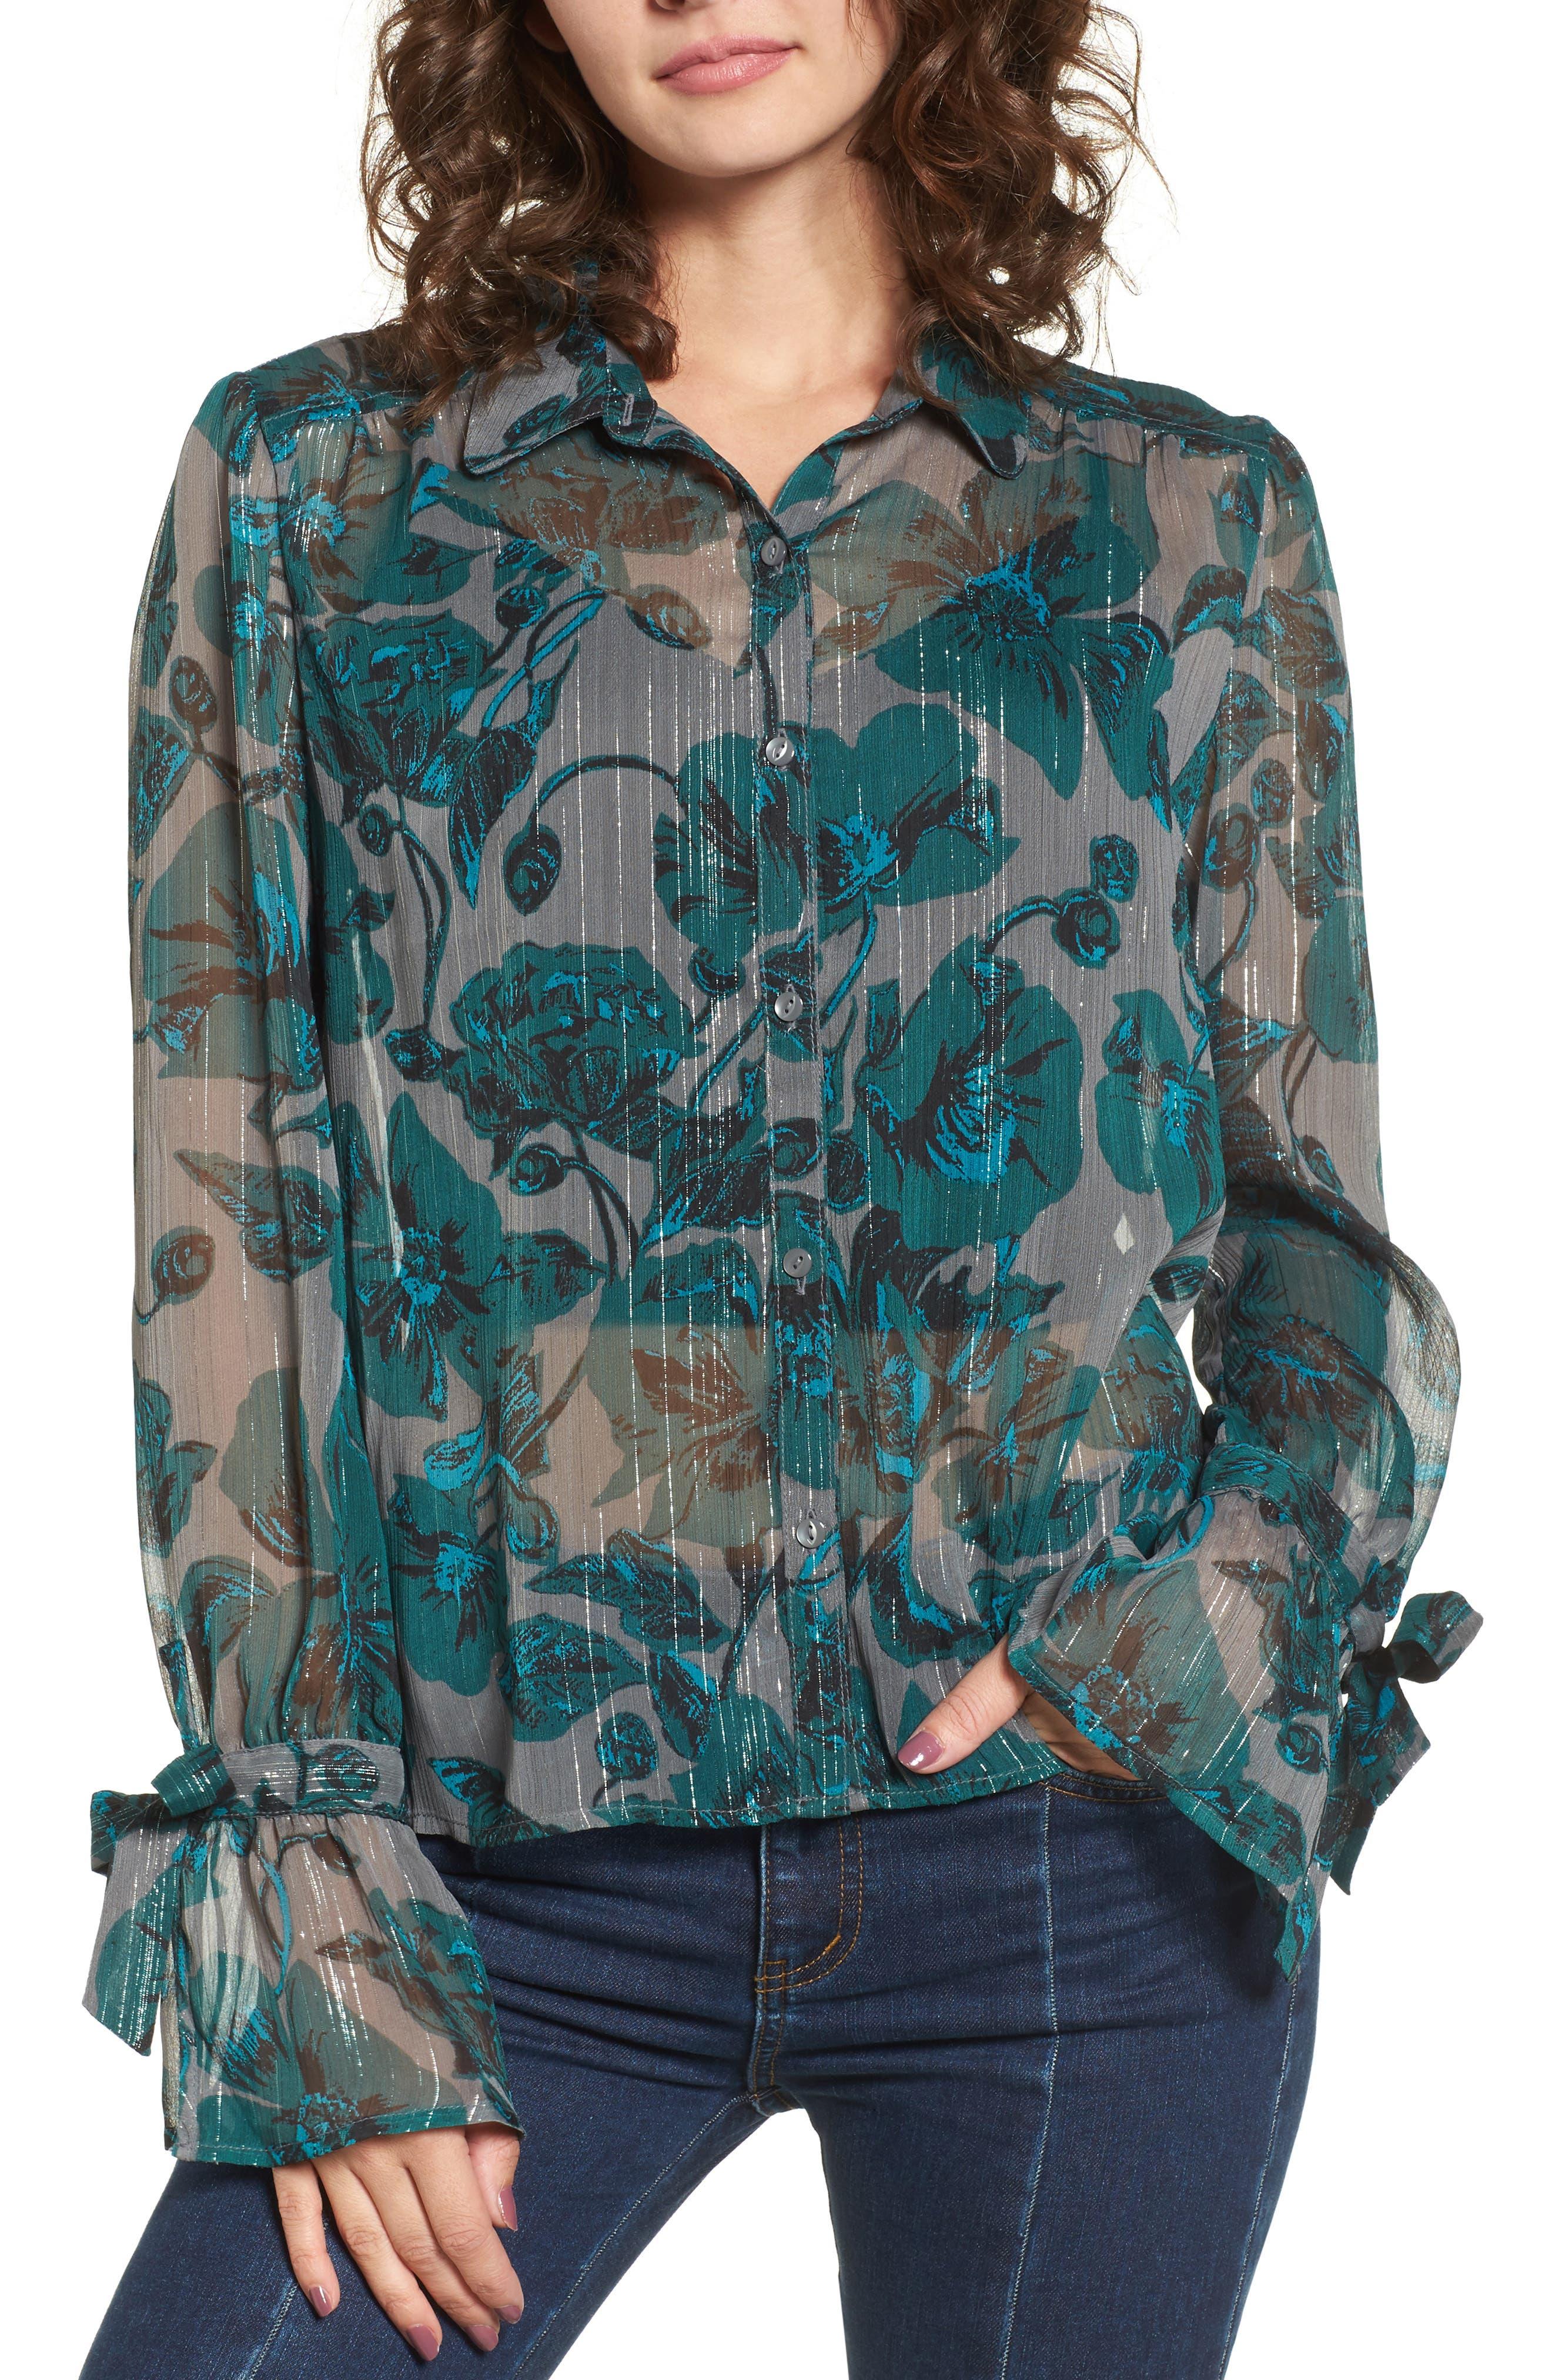 Alternate Image 1 Selected - BP. Sheer Metallic Floral Shirt